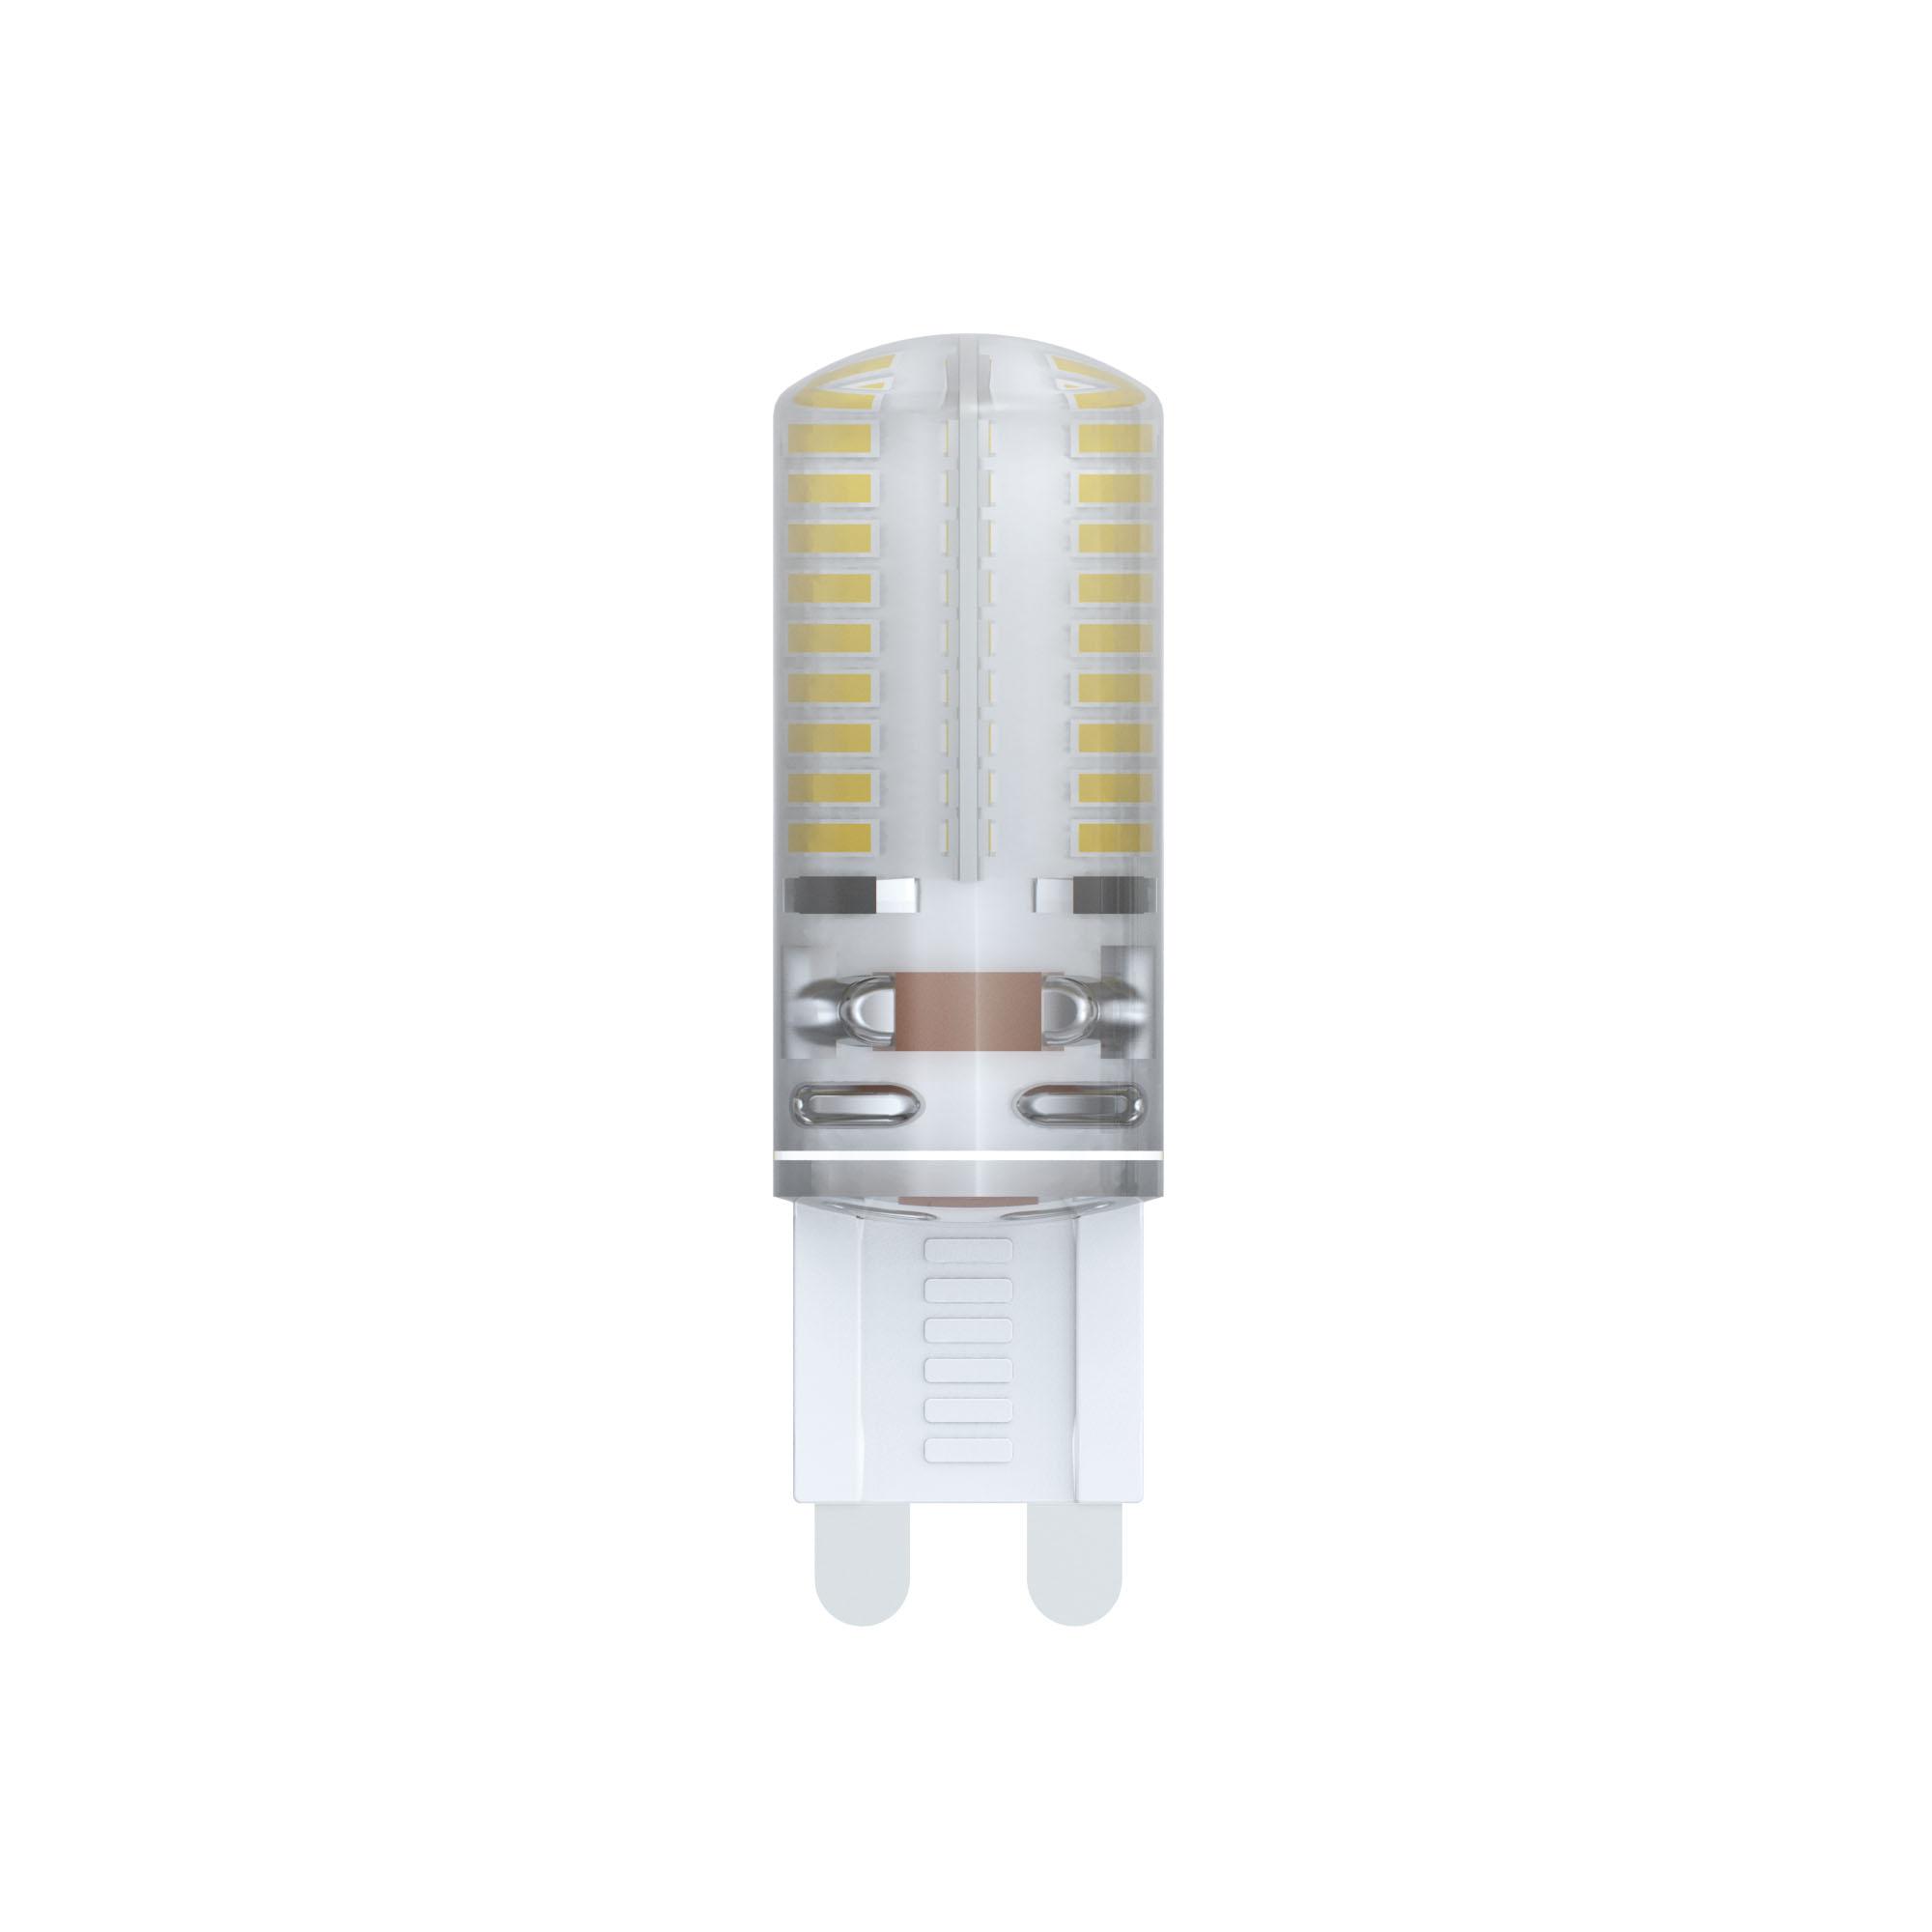 Лампа светодиодная Uniel Led-jcd-4w/nw/g9/cl/dim siz03tr 20шт лампа светодиодная диммируемая 10708 g9 25w капсульная матовый led jcd 4w ww g9 cl dim siz03tr